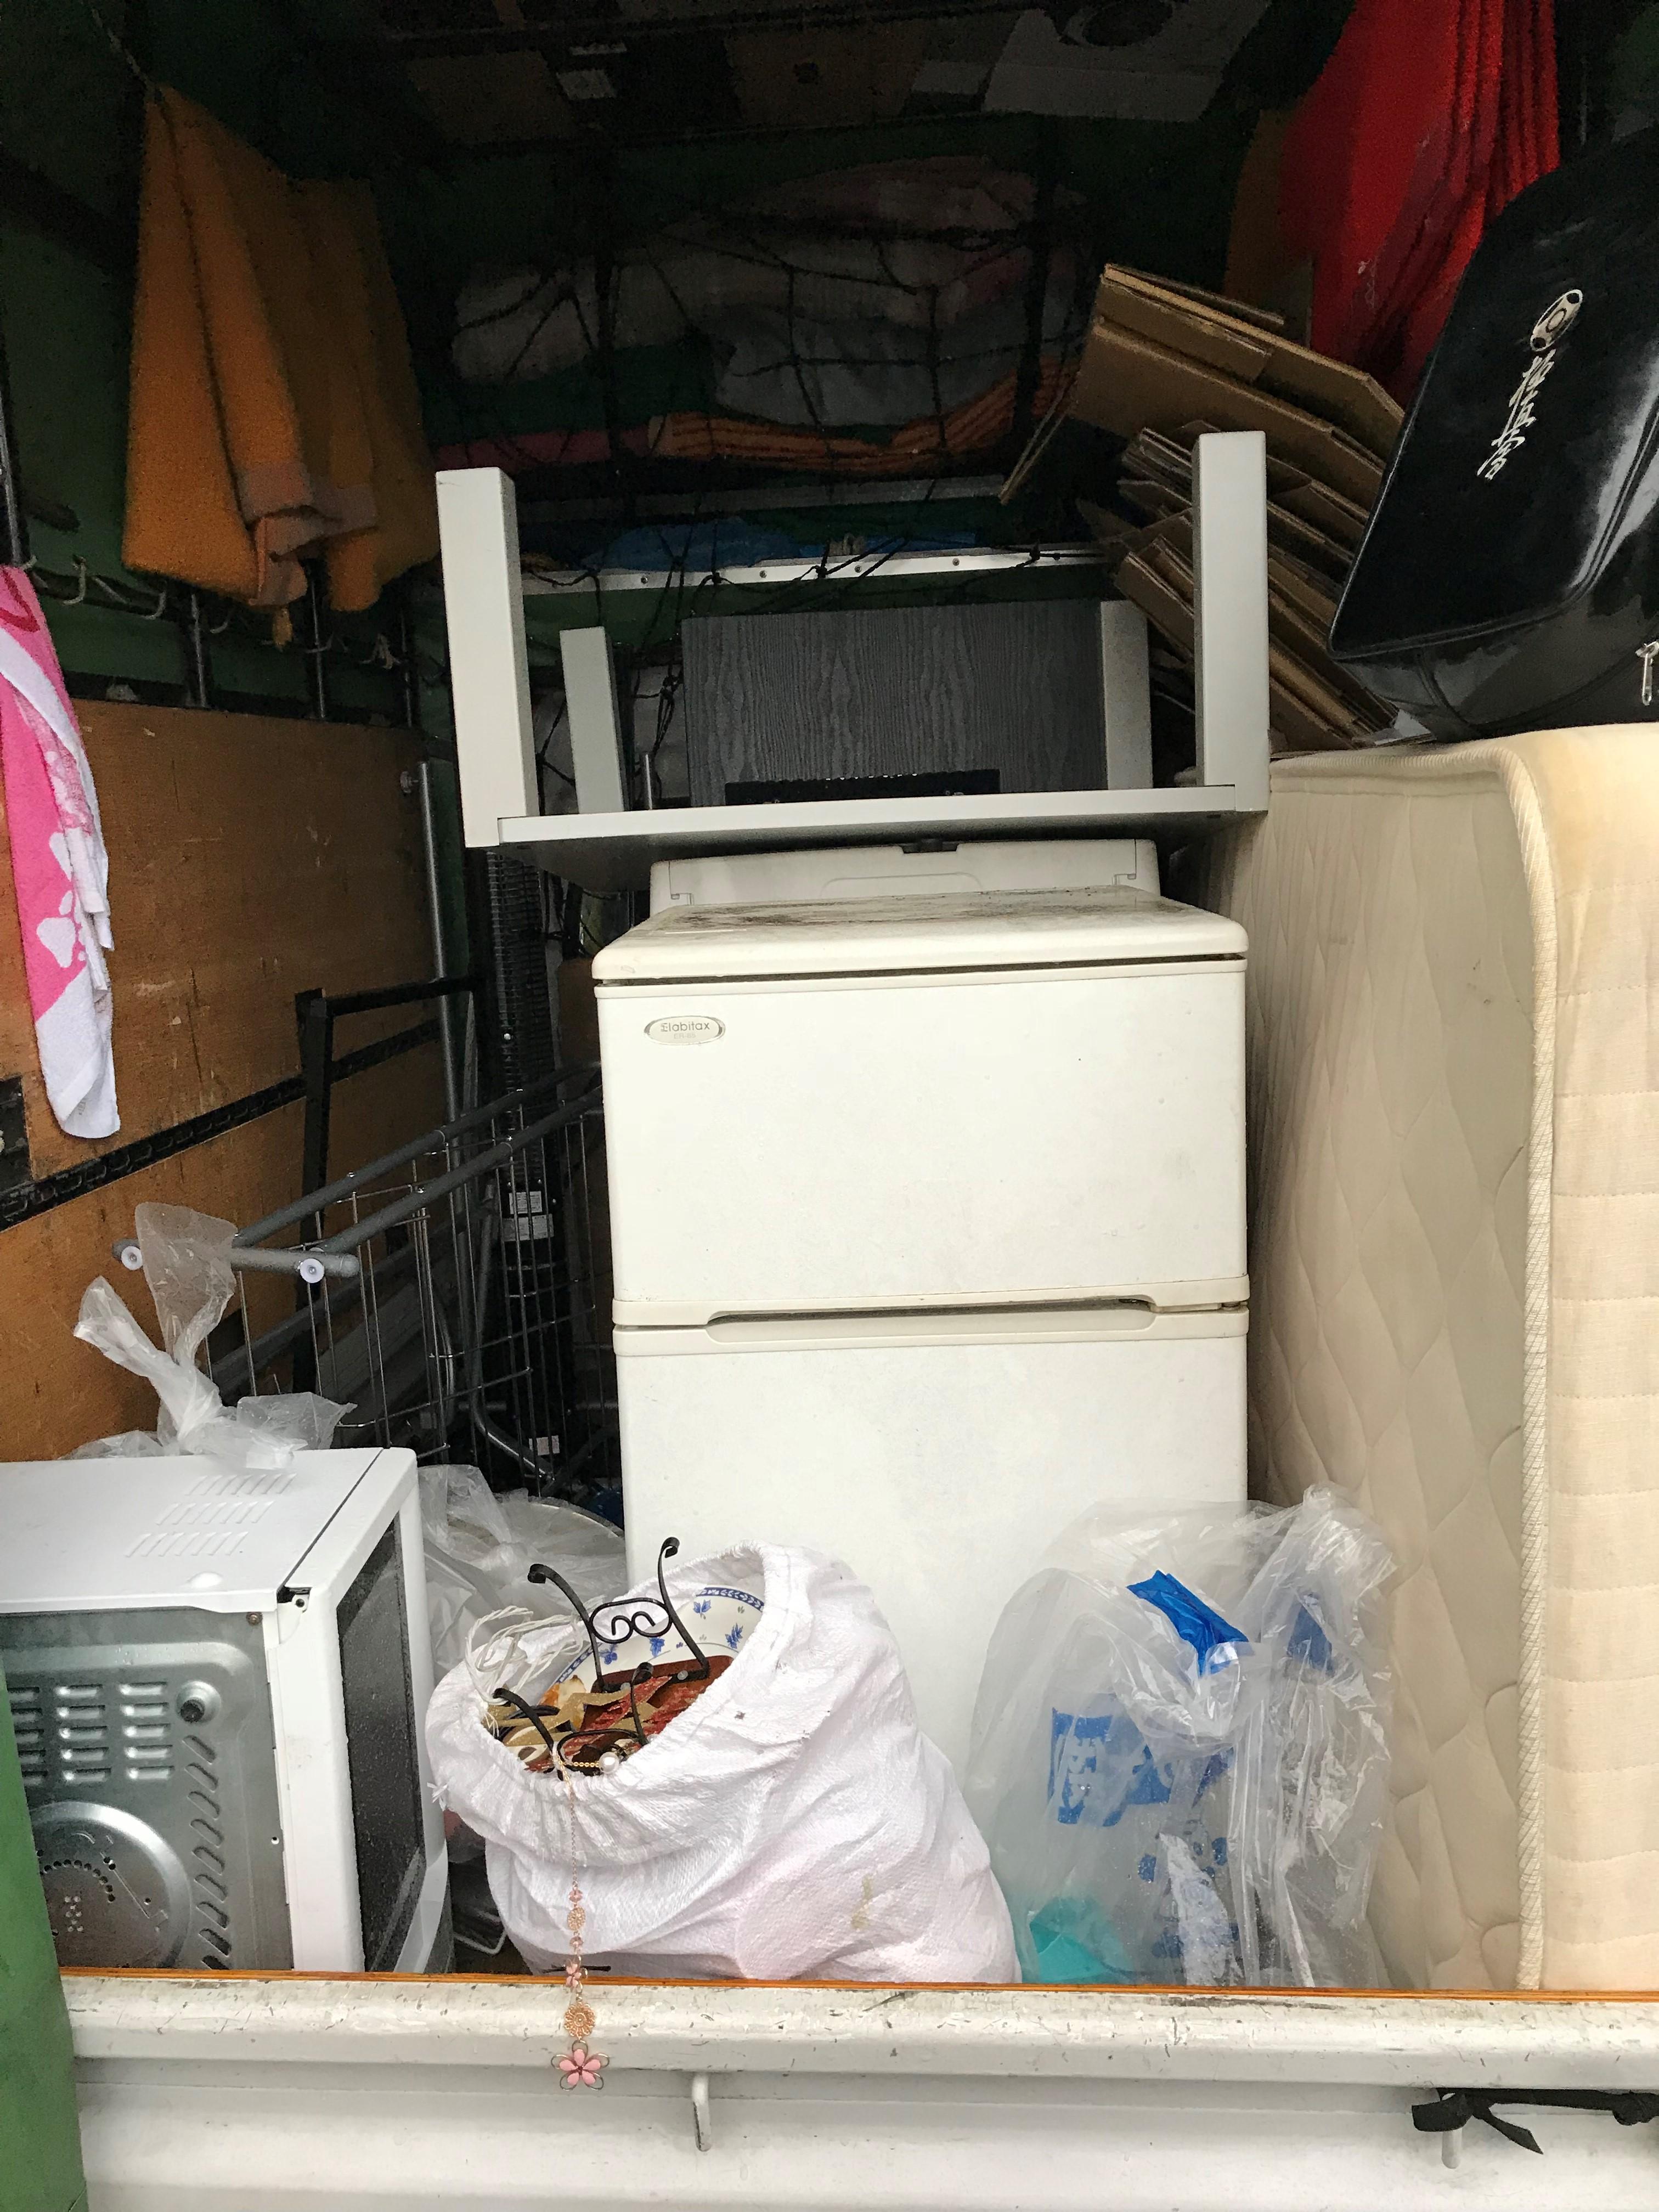 お引越しシーズンも指定日時で予約可能!処分の面倒なリサイクル家電も他のゴミとあわせて楽に処分できた、とお喜び頂けました!